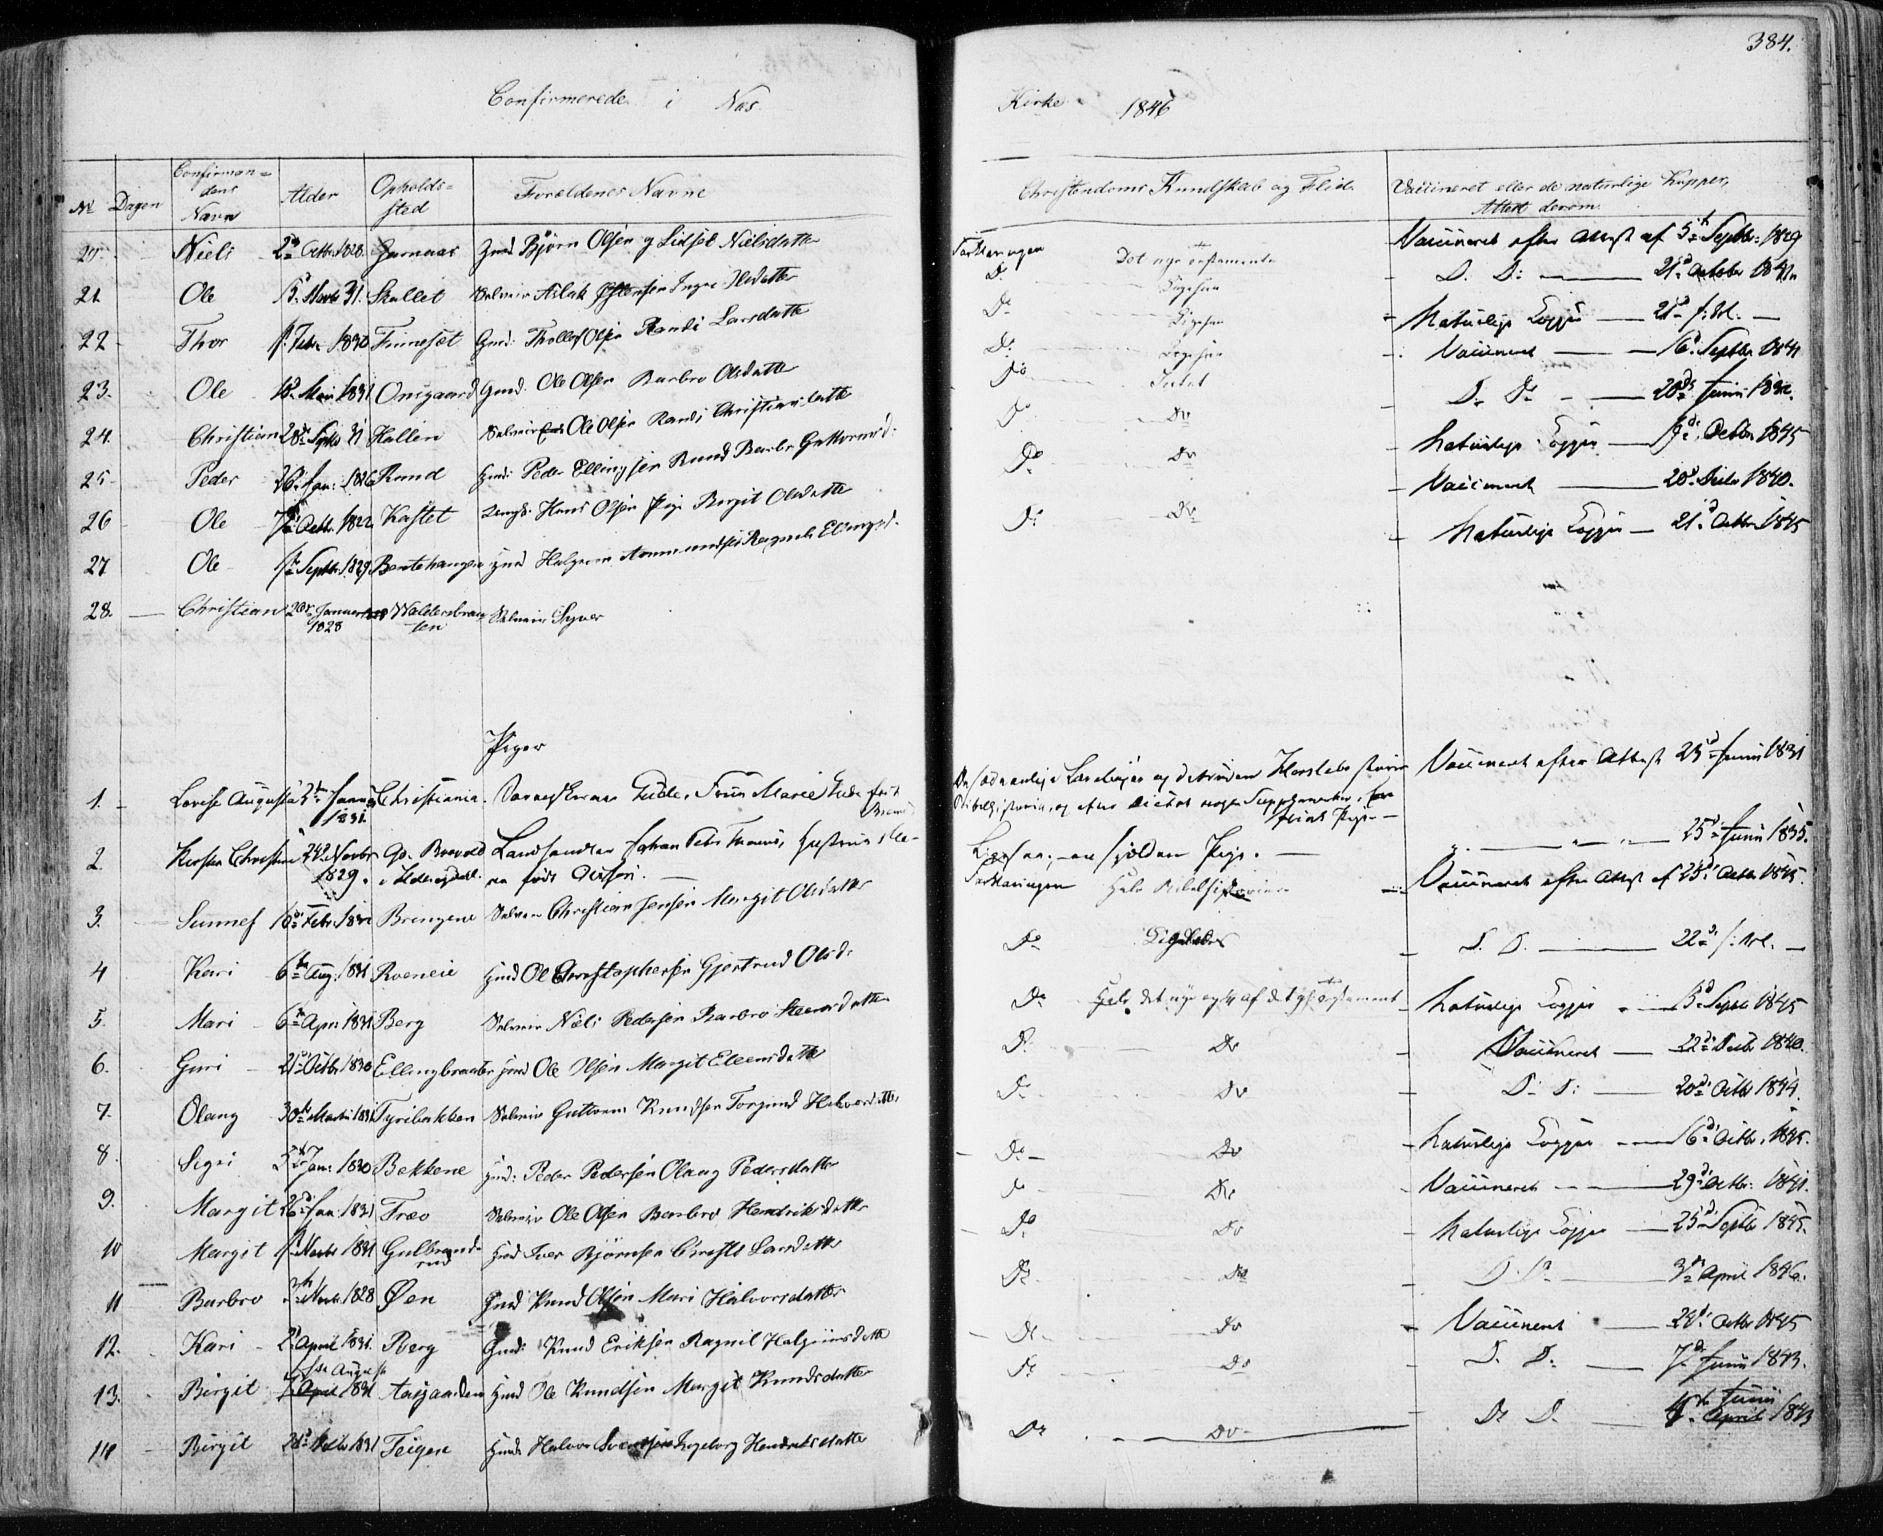 SAKO, Nes kirkebøker, F/Fa/L0009: Ministerialbok nr. 9, 1834-1863, s. 384